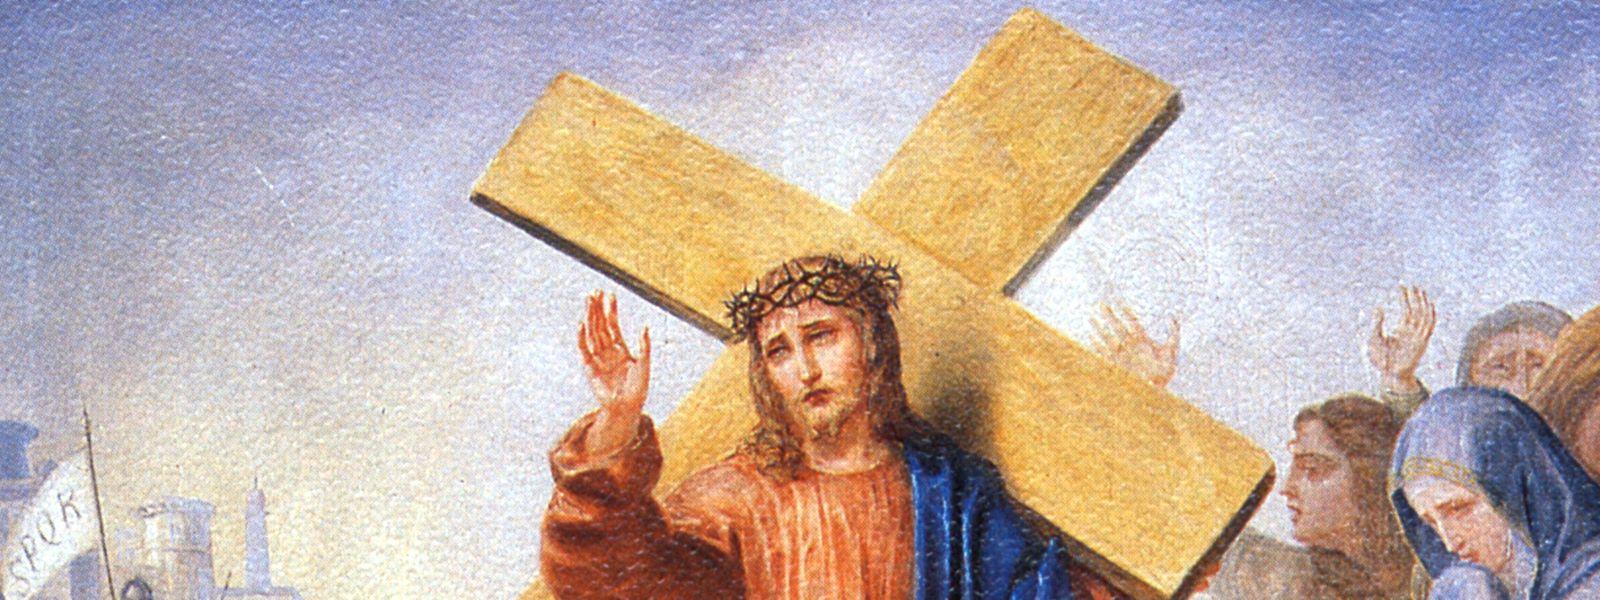 An Karfreitag steht der Tod Jesu im Mittelpunkt. Kein Ostern ohne Karfreitag.